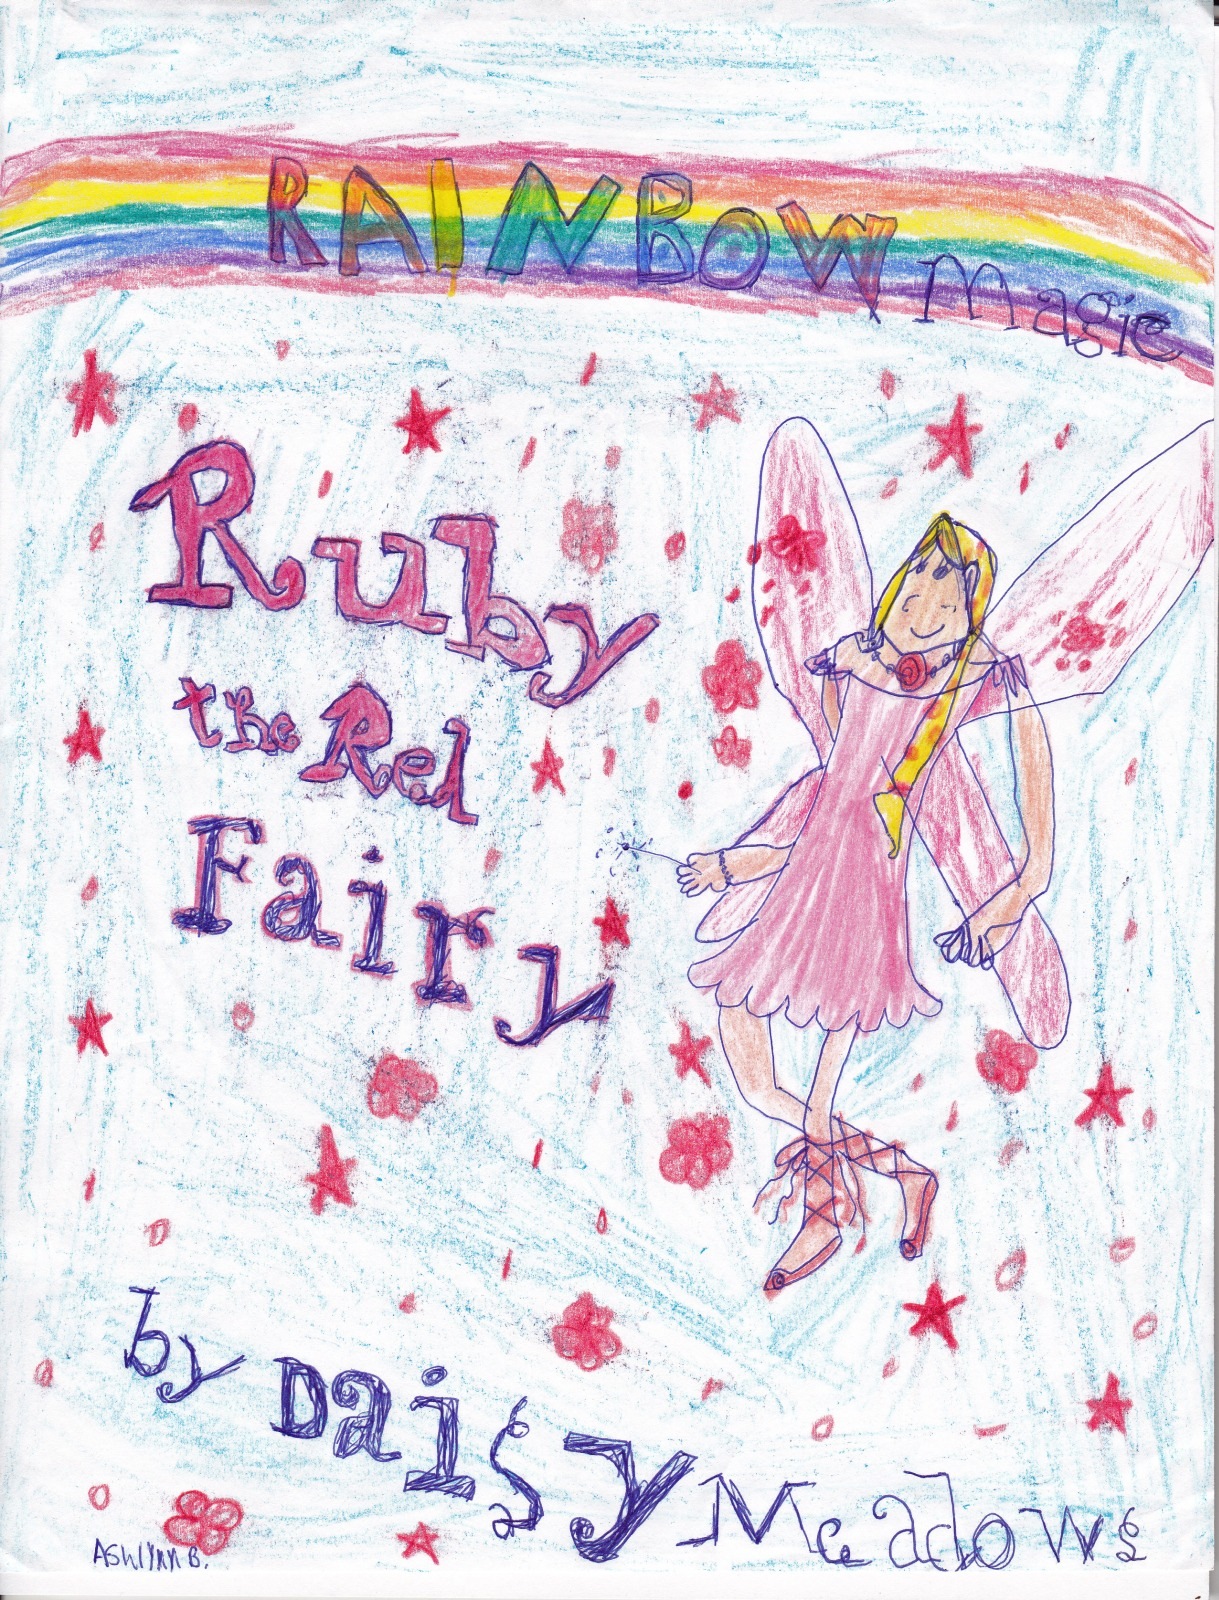 Rainbow Magic, artwork by Ashlynn Barbee